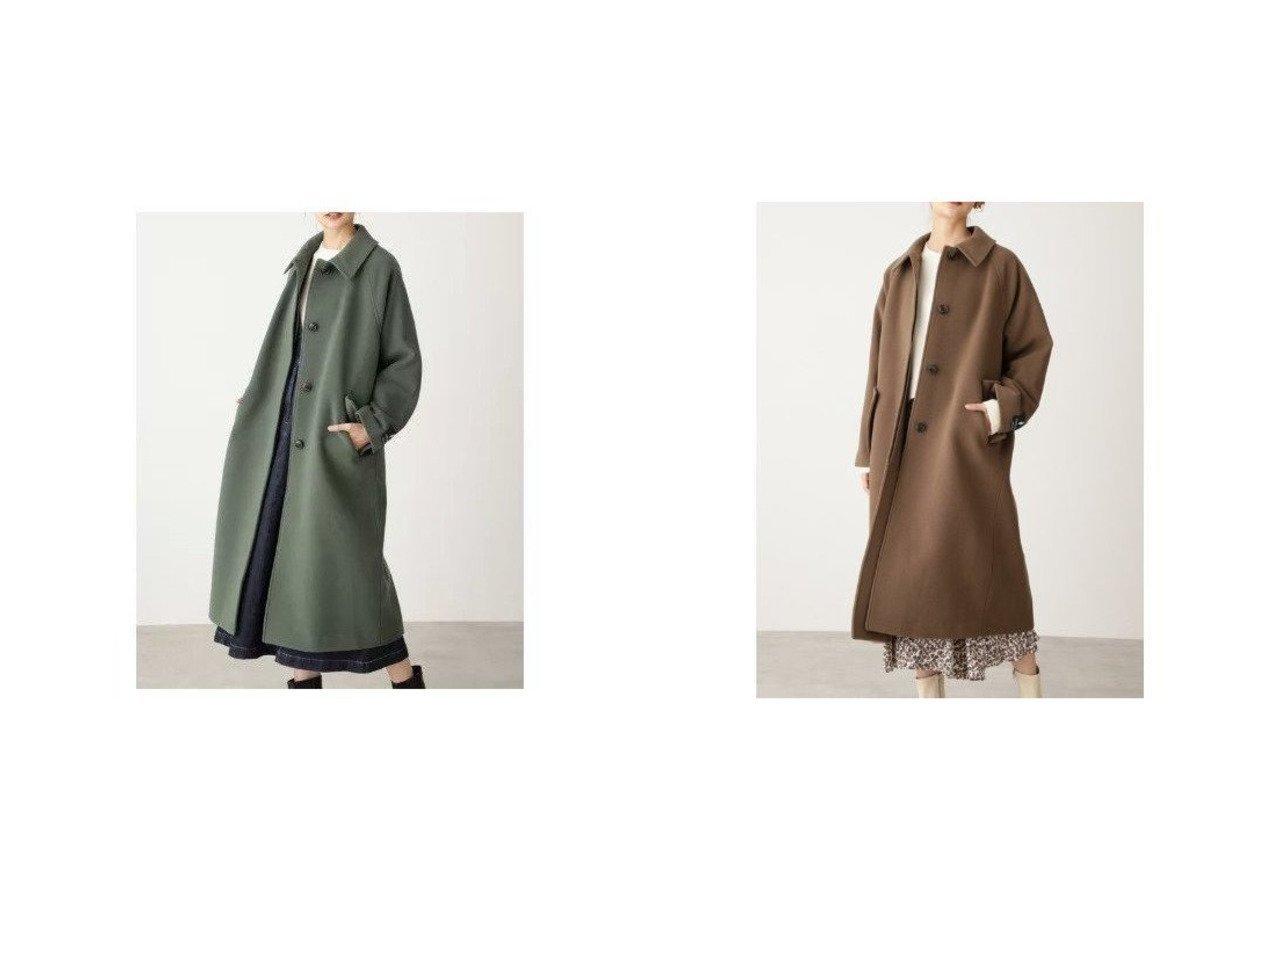 【N.Natural Beauty basic/エヌ ナチュラルビューティーベーシック】のパイルステンカラーコート アウターのおすすめ!人気、トレンド・レディースファッションの通販 おすすめで人気の流行・トレンド、ファッションの通販商品 メンズファッション・キッズファッション・インテリア・家具・レディースファッション・服の通販 founy(ファニー) https://founy.com/ ファッション Fashion レディースファッション WOMEN アウター Coat Outerwear コート Coats イタリア シンプル スタンダード スリット |ID:crp329100000009353